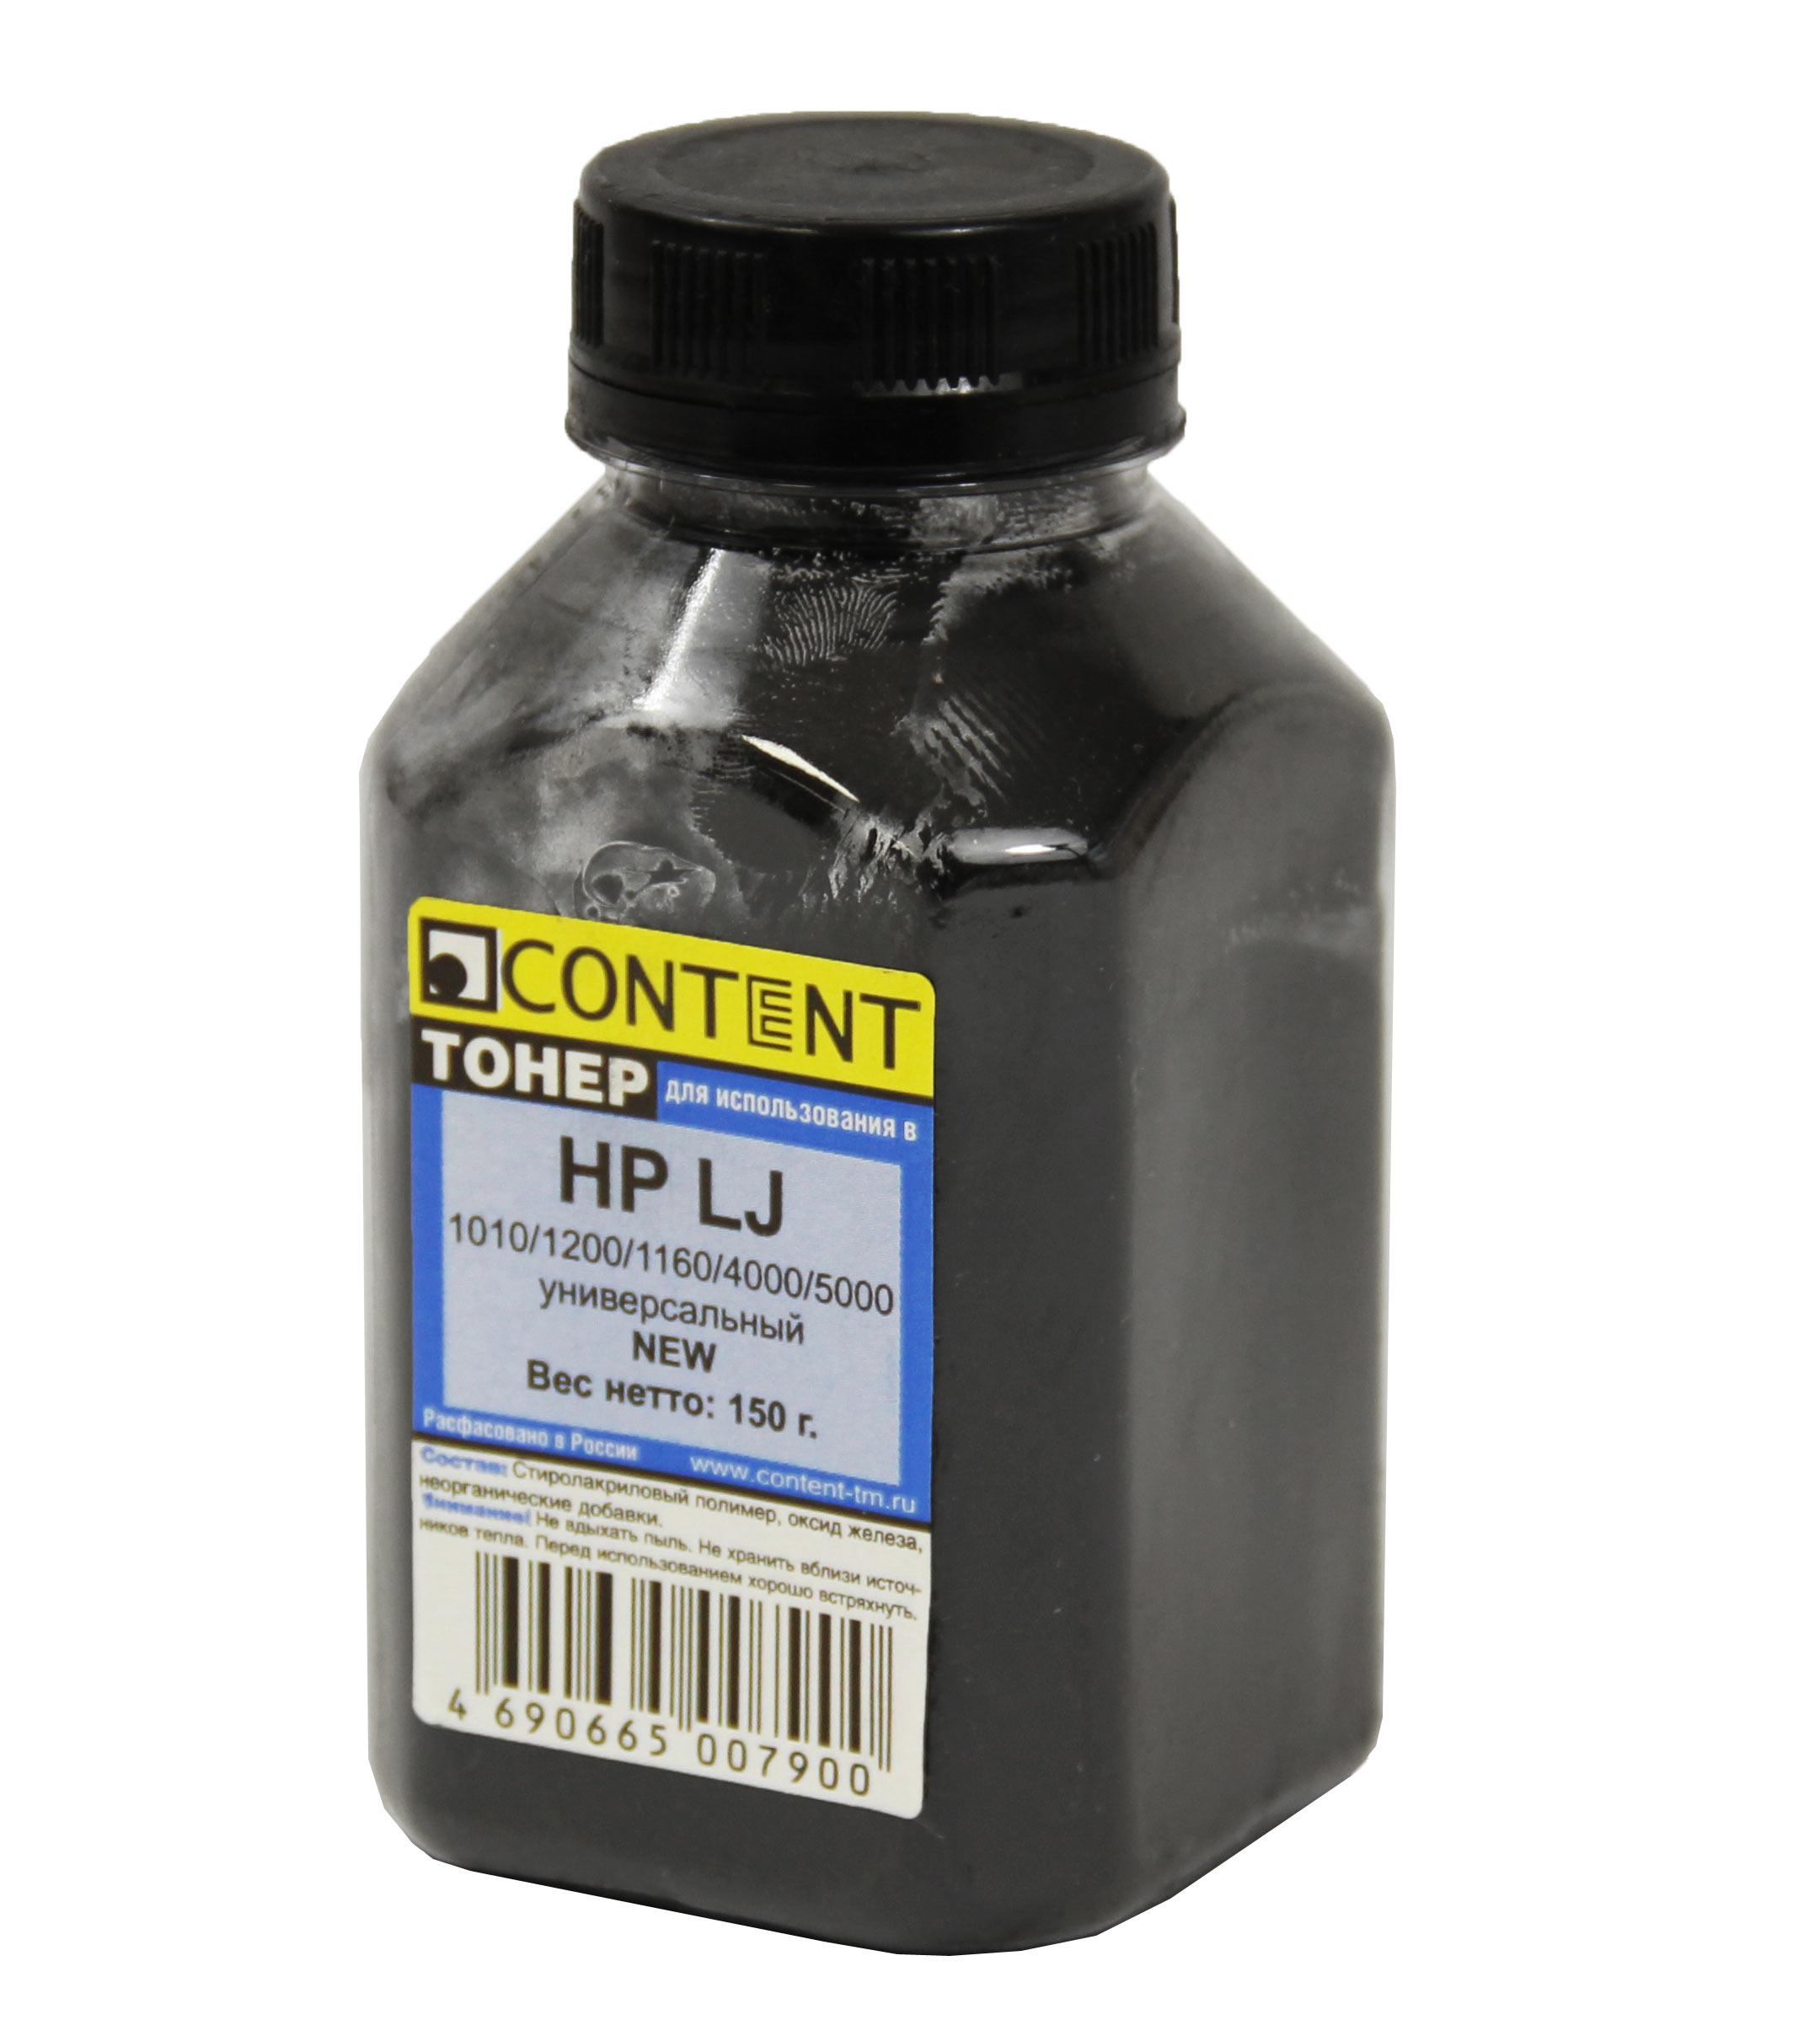 Тонер Content Универсальный для HP LJ 1010/1200/1160/4000/5000, Bk, 150 г, банка